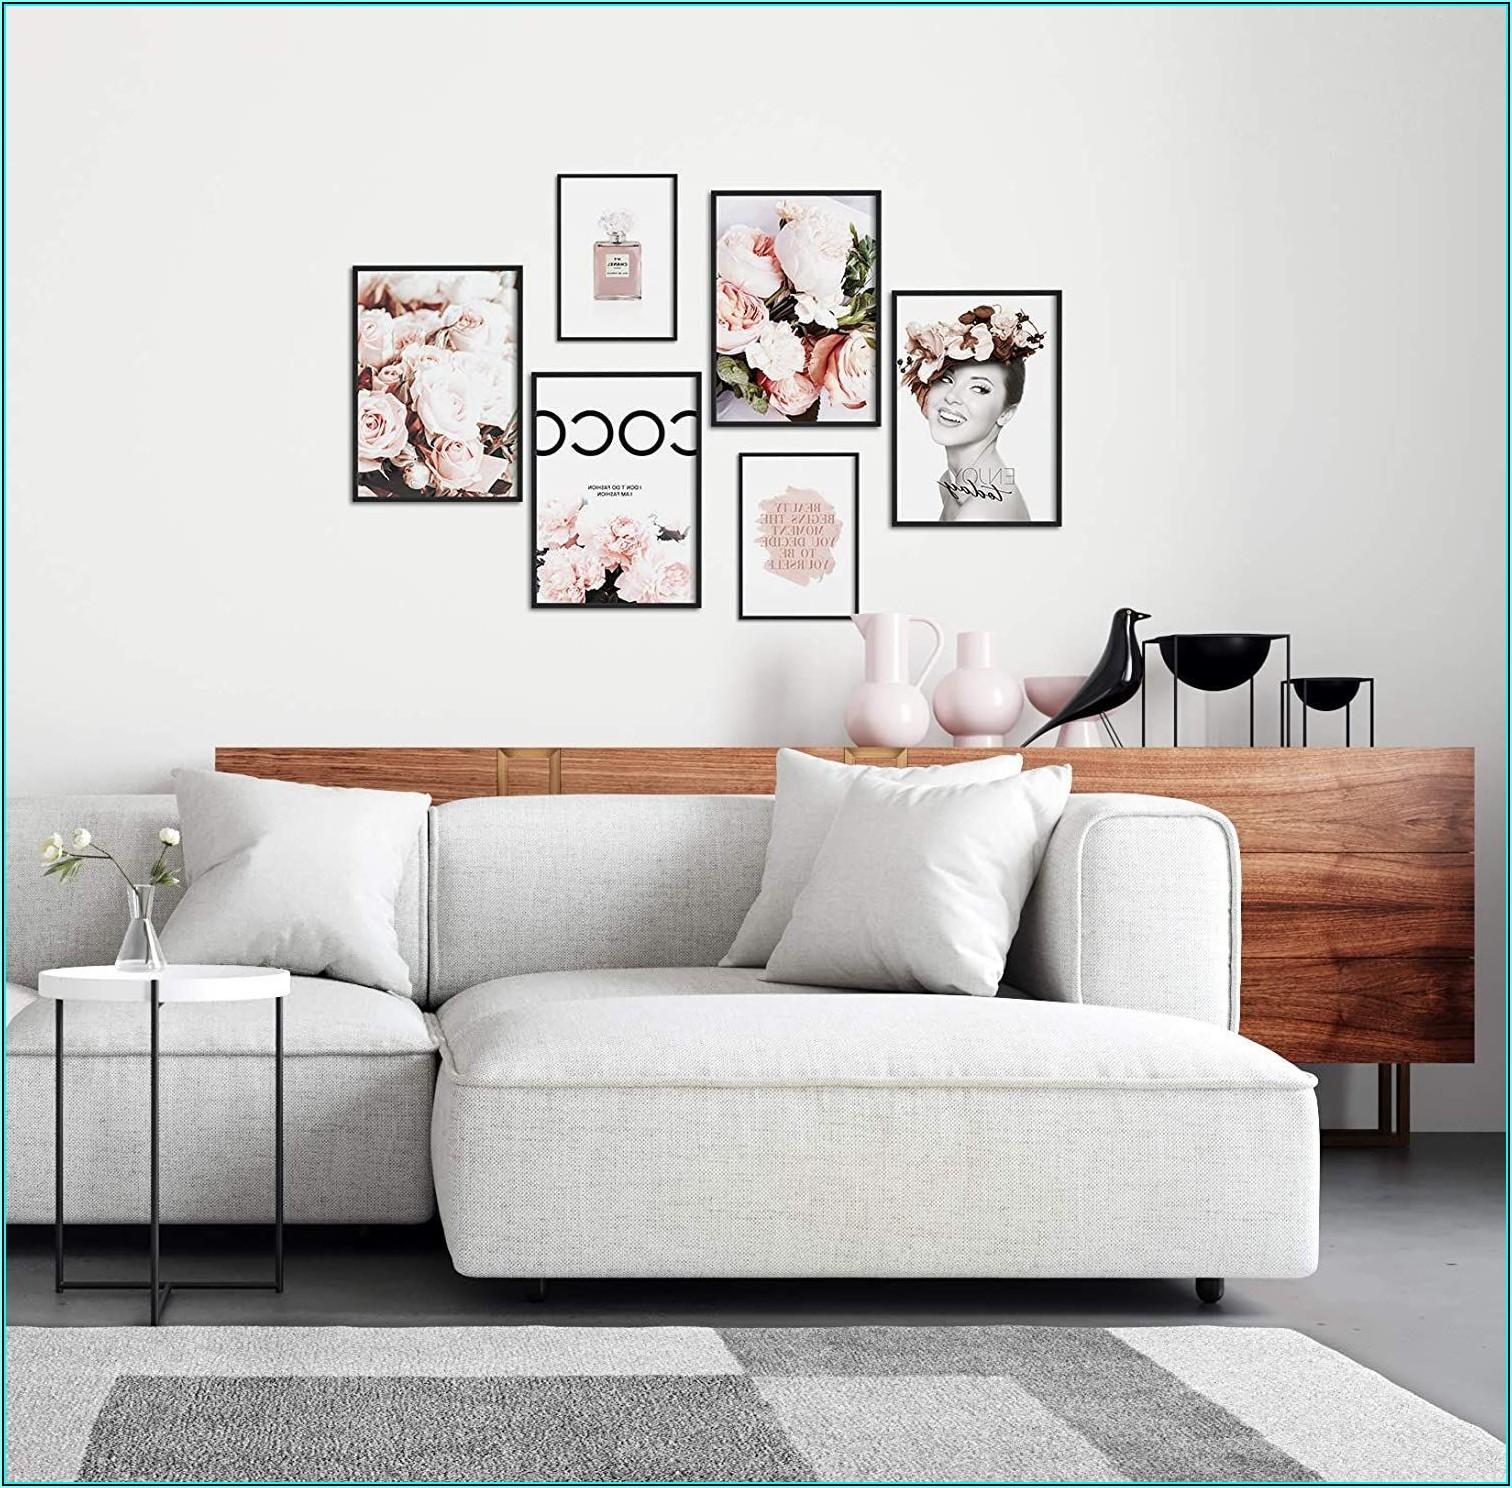 Bilder Mit Rahmen Für Wohnzimmer